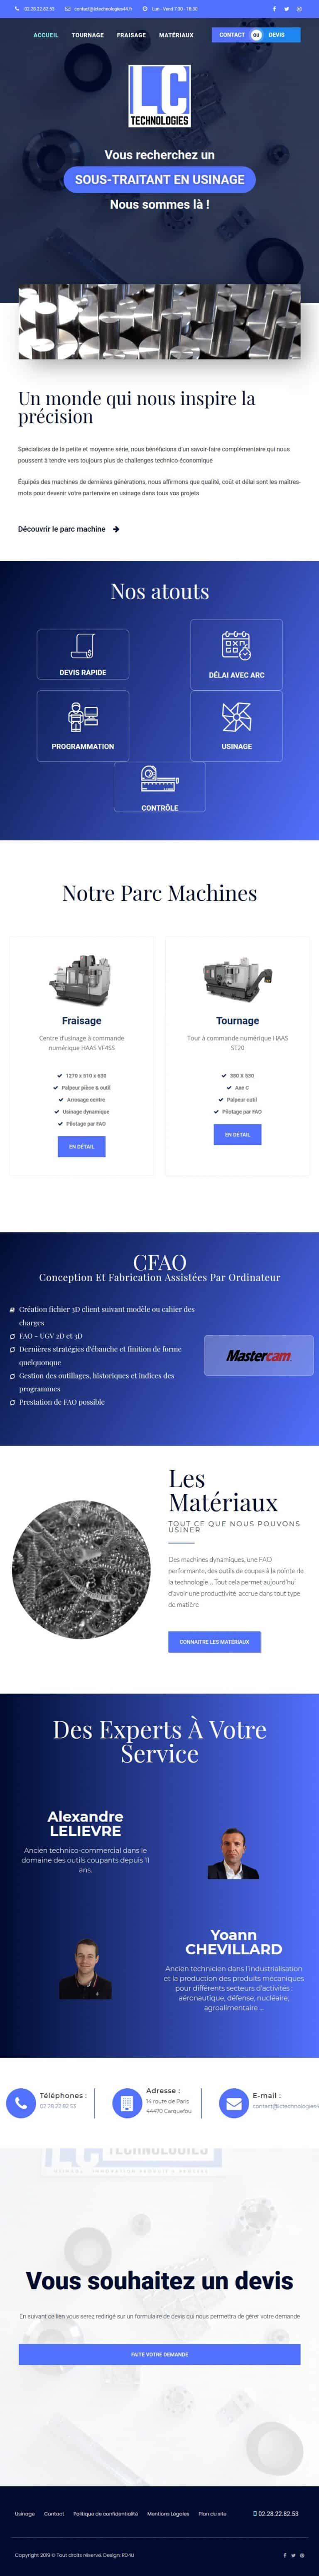 Page d'accueil complète du site internet lctechnologies44.fr en version tablette